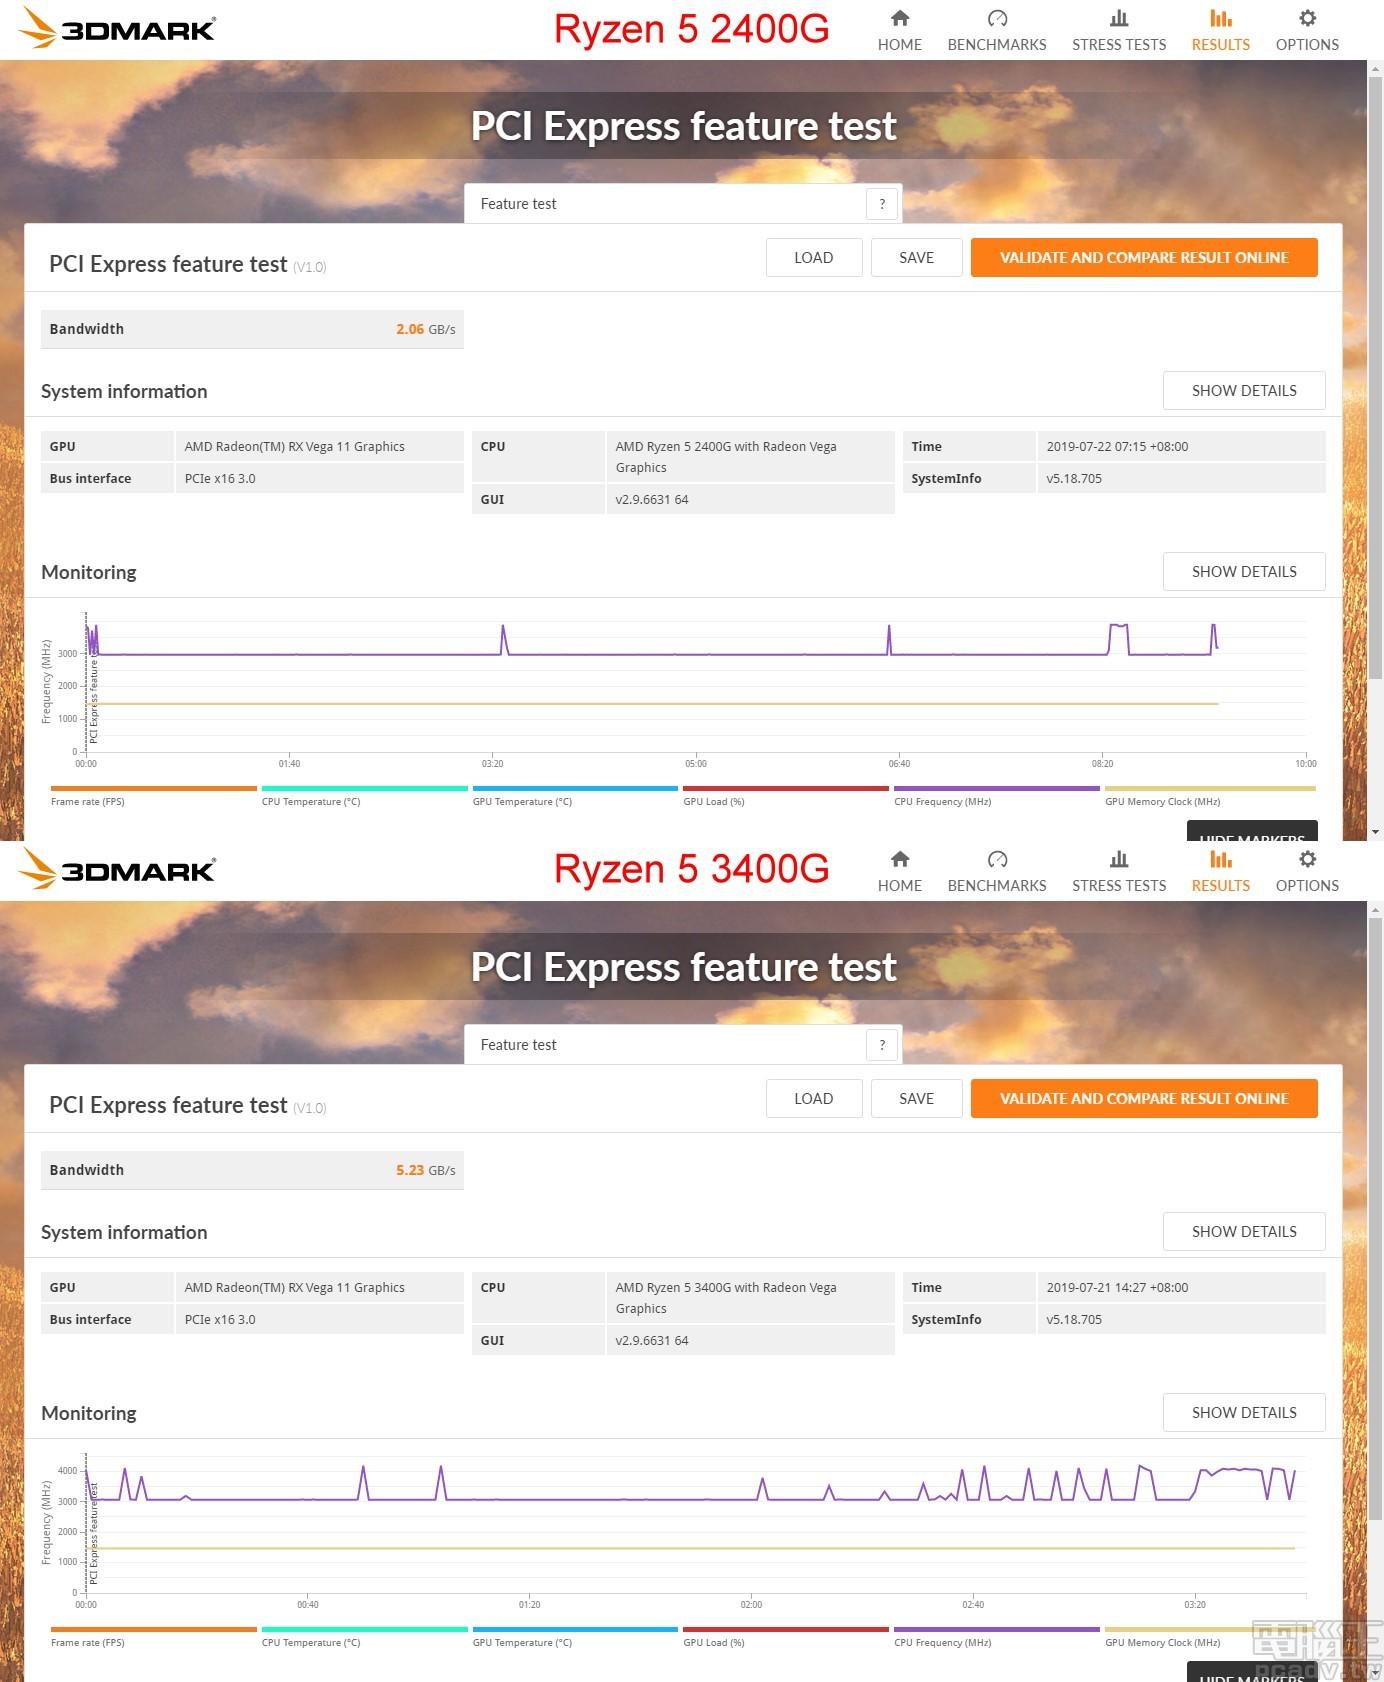 ▲ 透過 3DMark PCI Express feature test,測得 Ryzen 5 2400G 內部 Radeon Vega 11 頻寬為 2.06GB/s,Ryzen 5 3400G 內部 Radeon Vega 11 頻寬則為 5.23GB/s。(點圖放大)